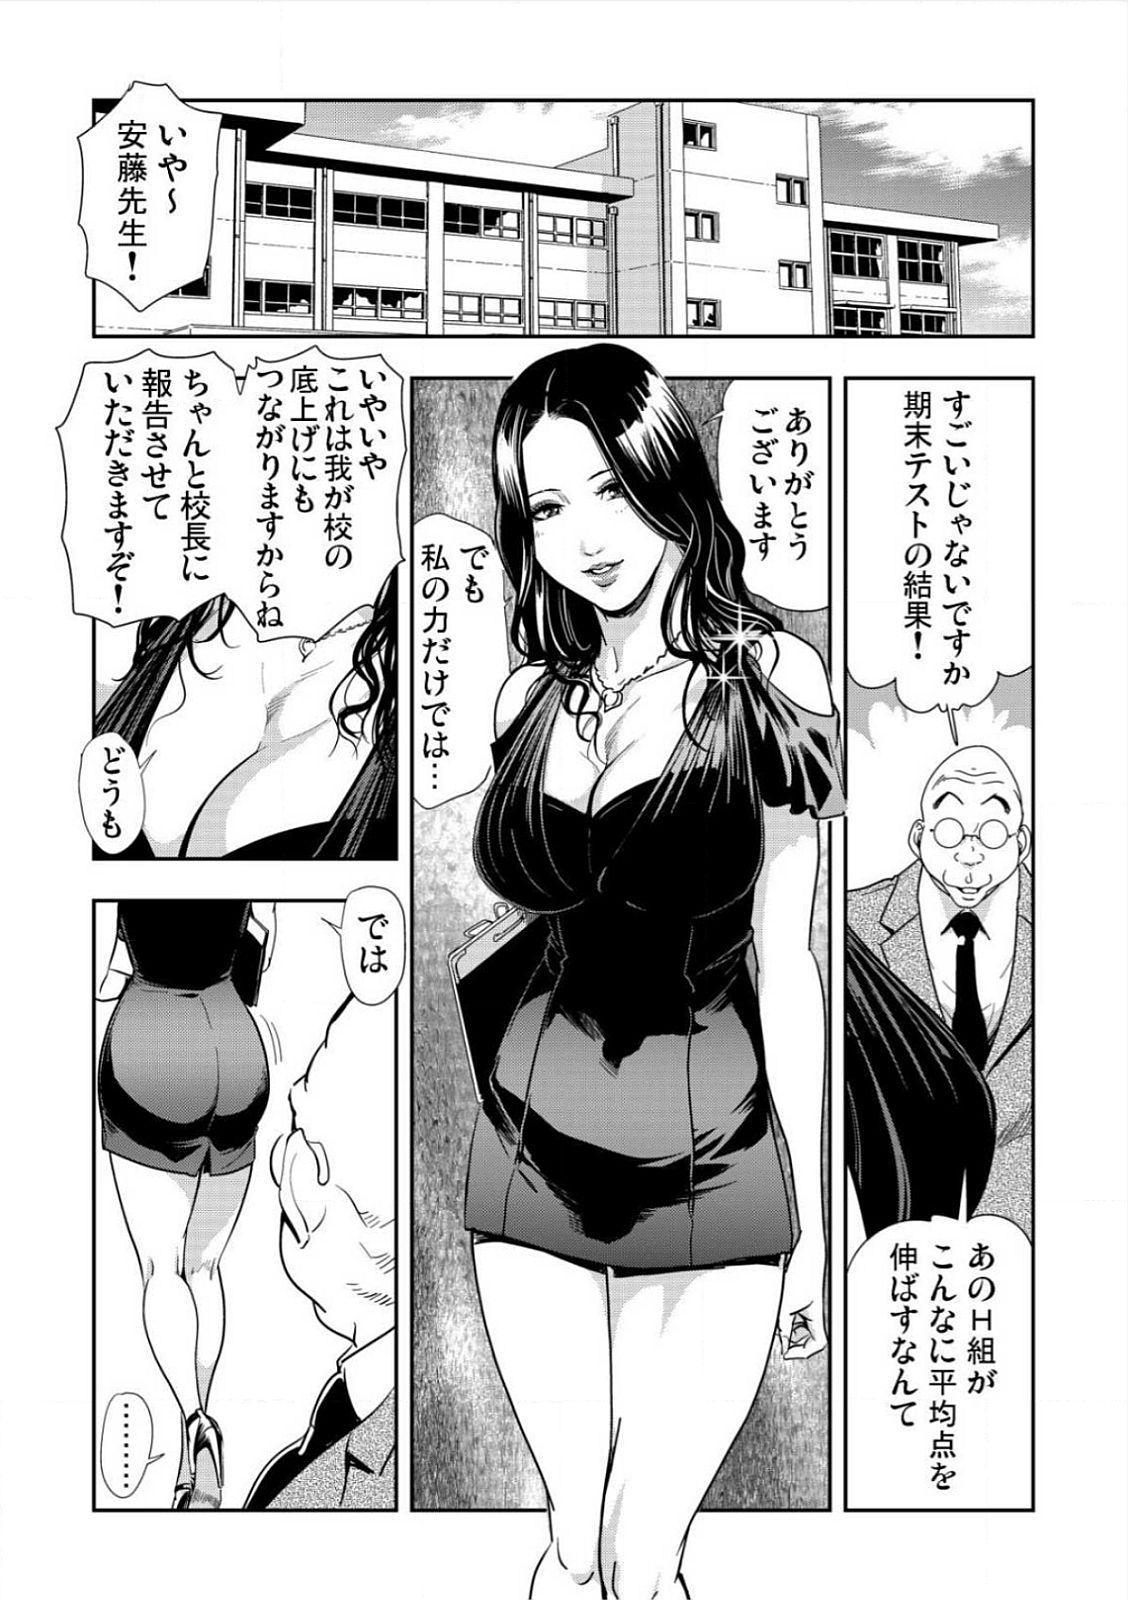 [Misaki Yukihiro] Kyousei Shidou ~Mechakucha ni Kegasarete~ (1)~(6) [Digital] 128